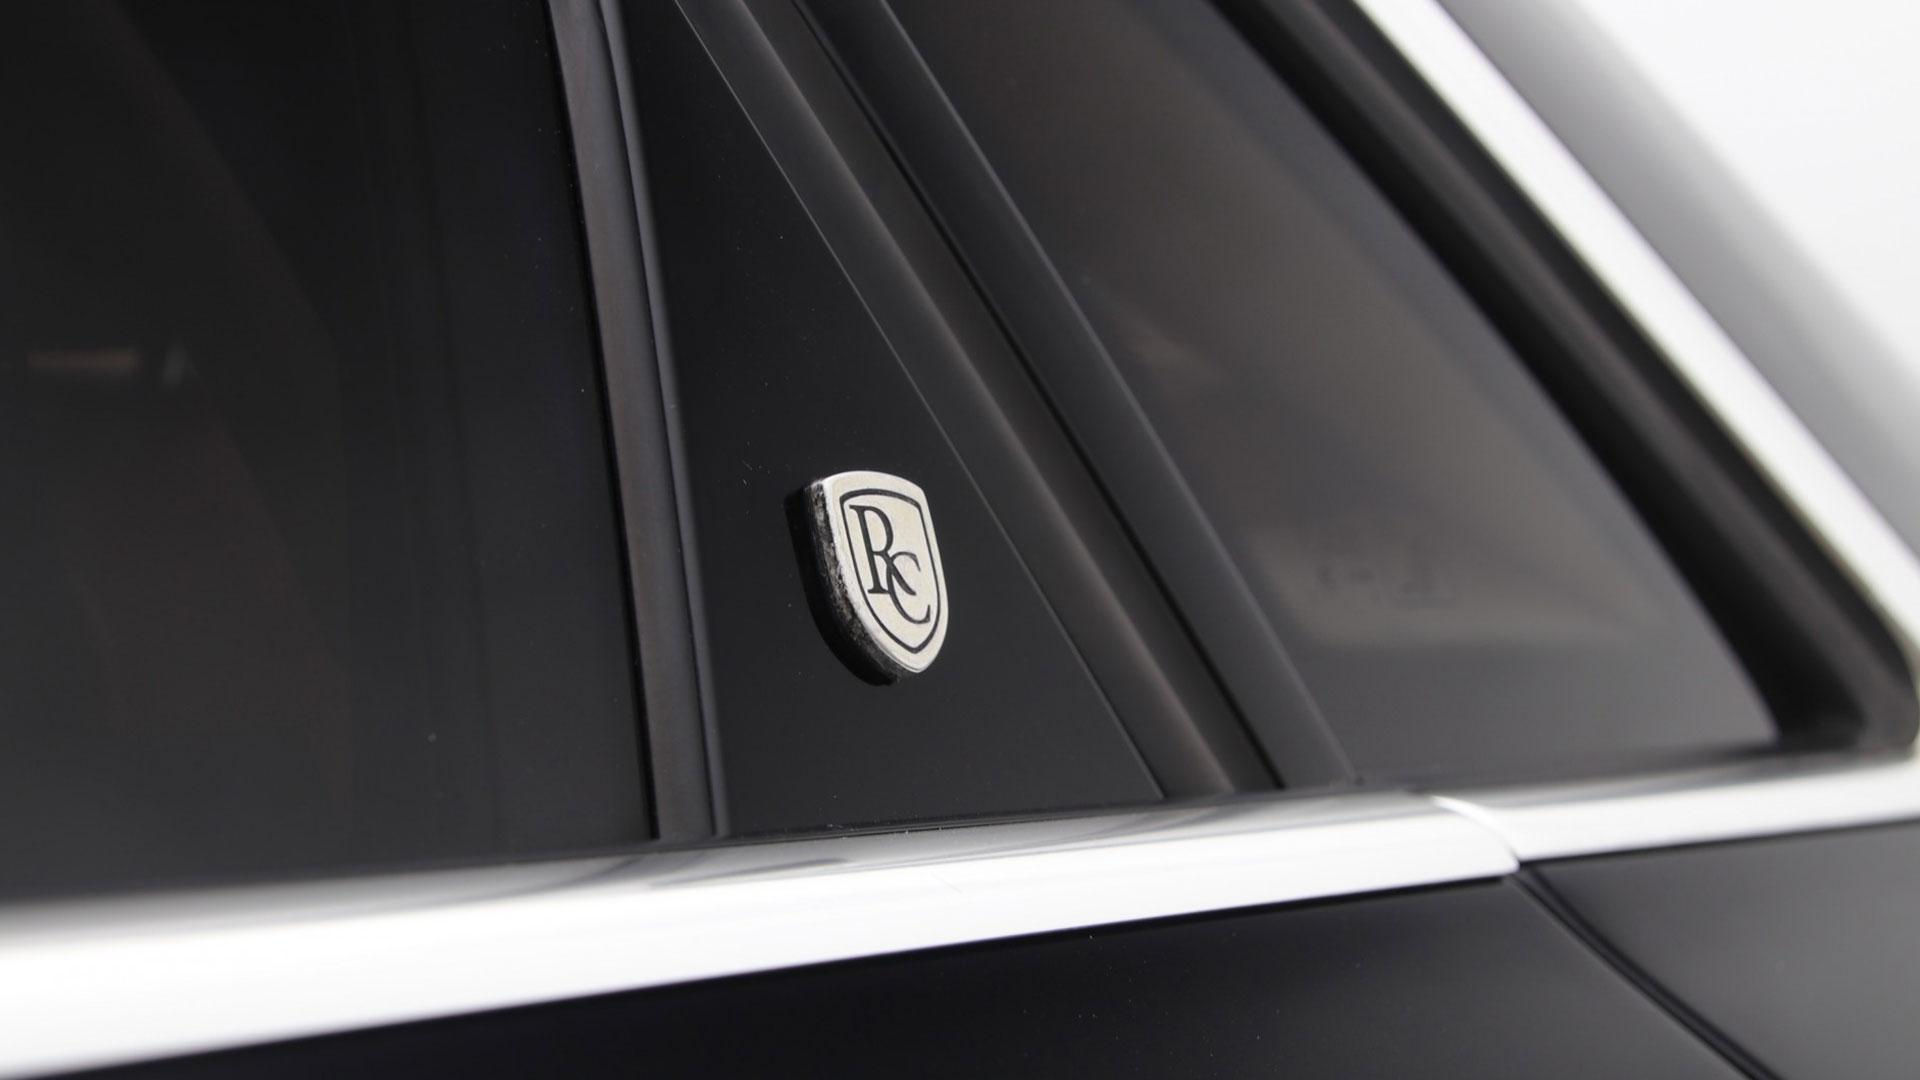 Remetzcarlogo op de Audi A8 Limousine van